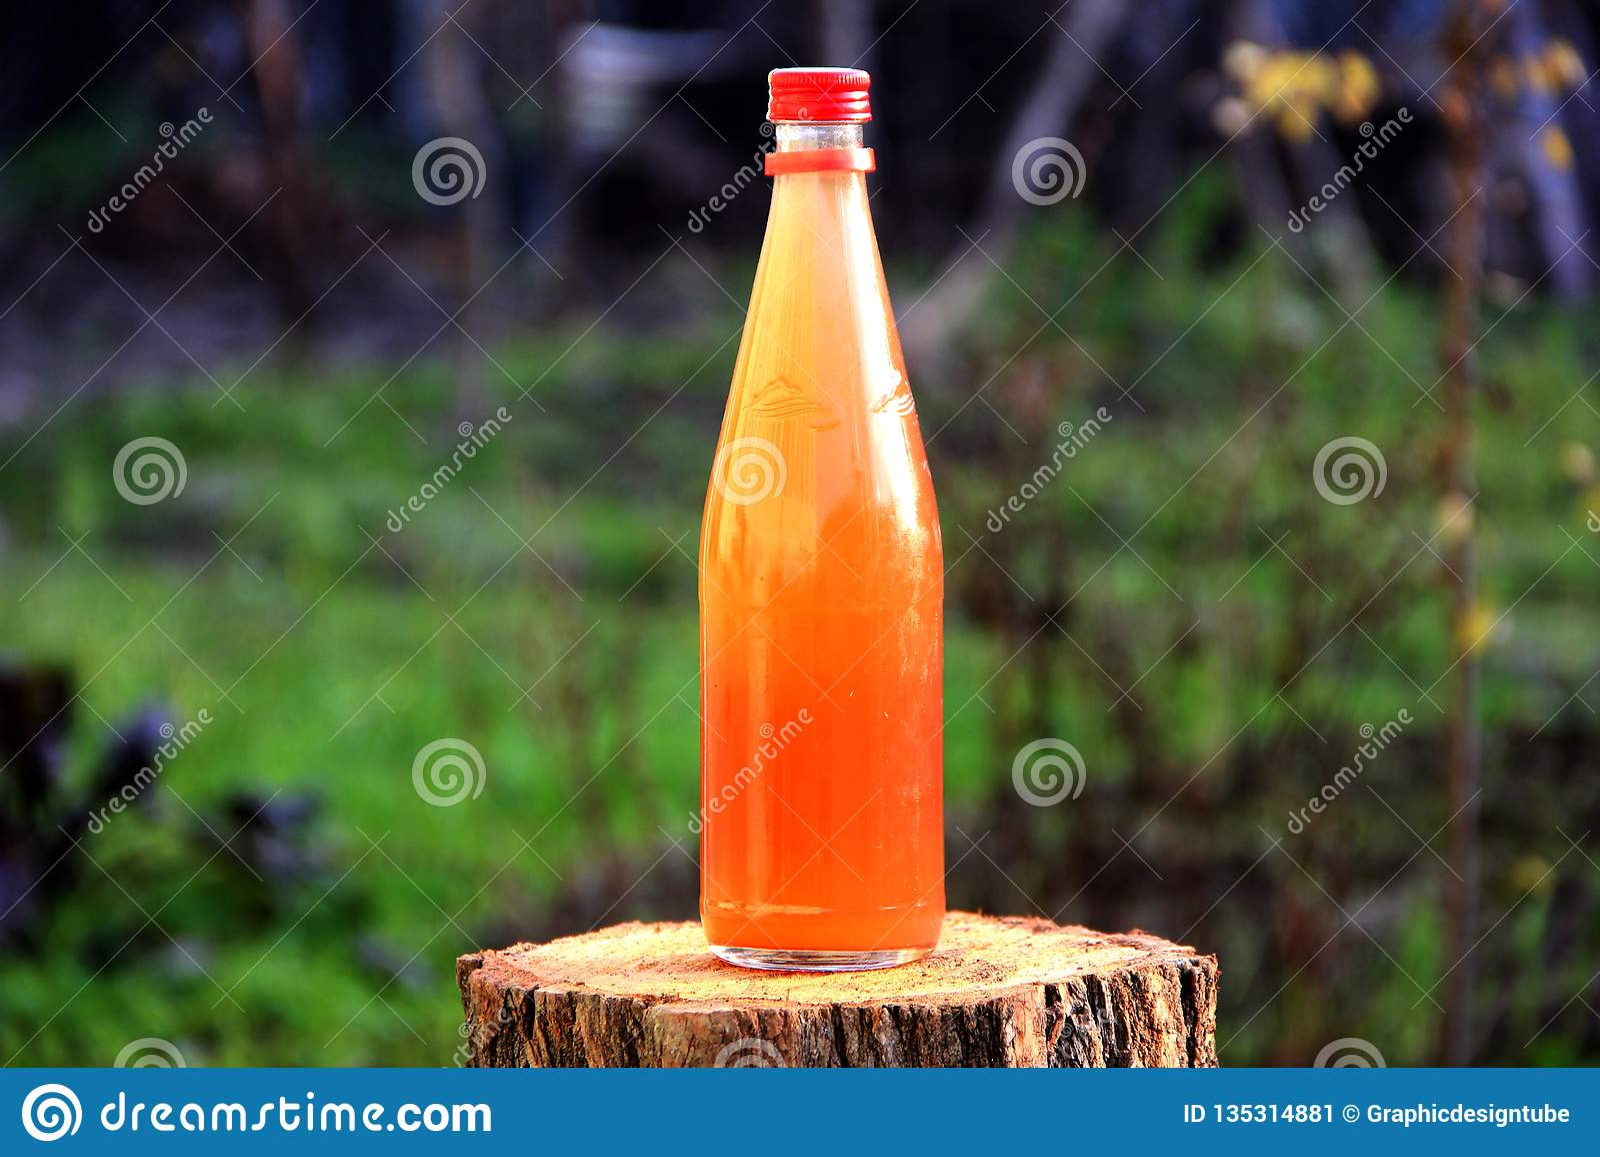 Vert naturel de bouteille de boisson de conserves au vinaigre de raisin